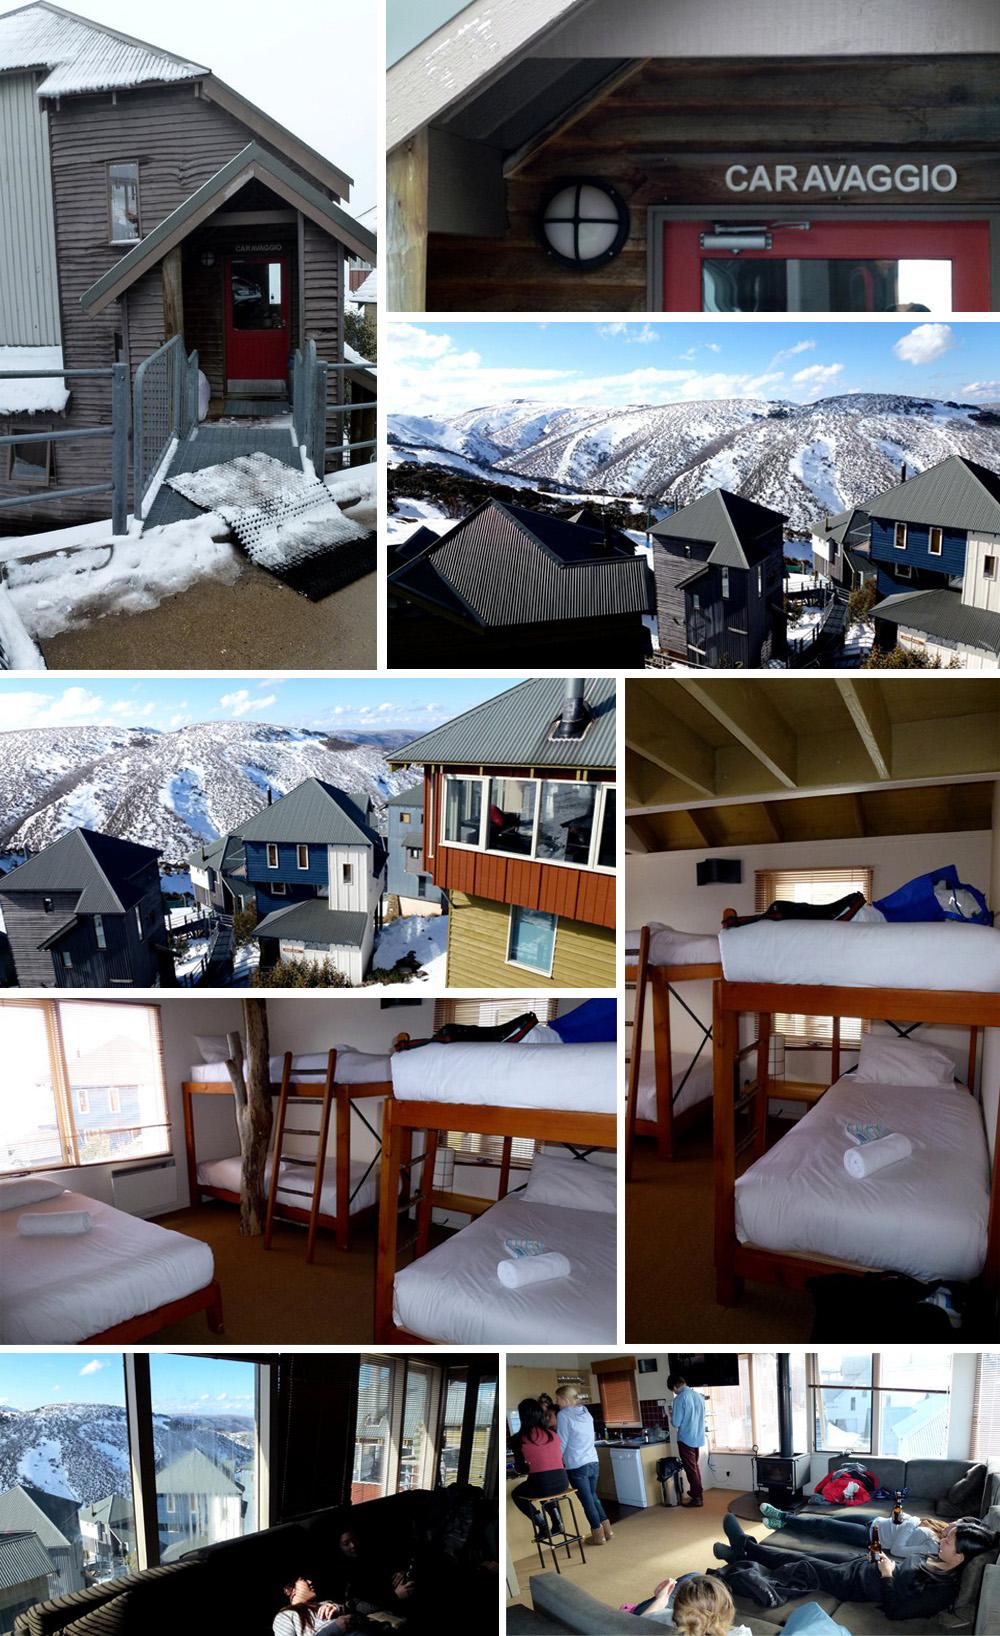 Caravaggio - Mt Hotham Ski Resort